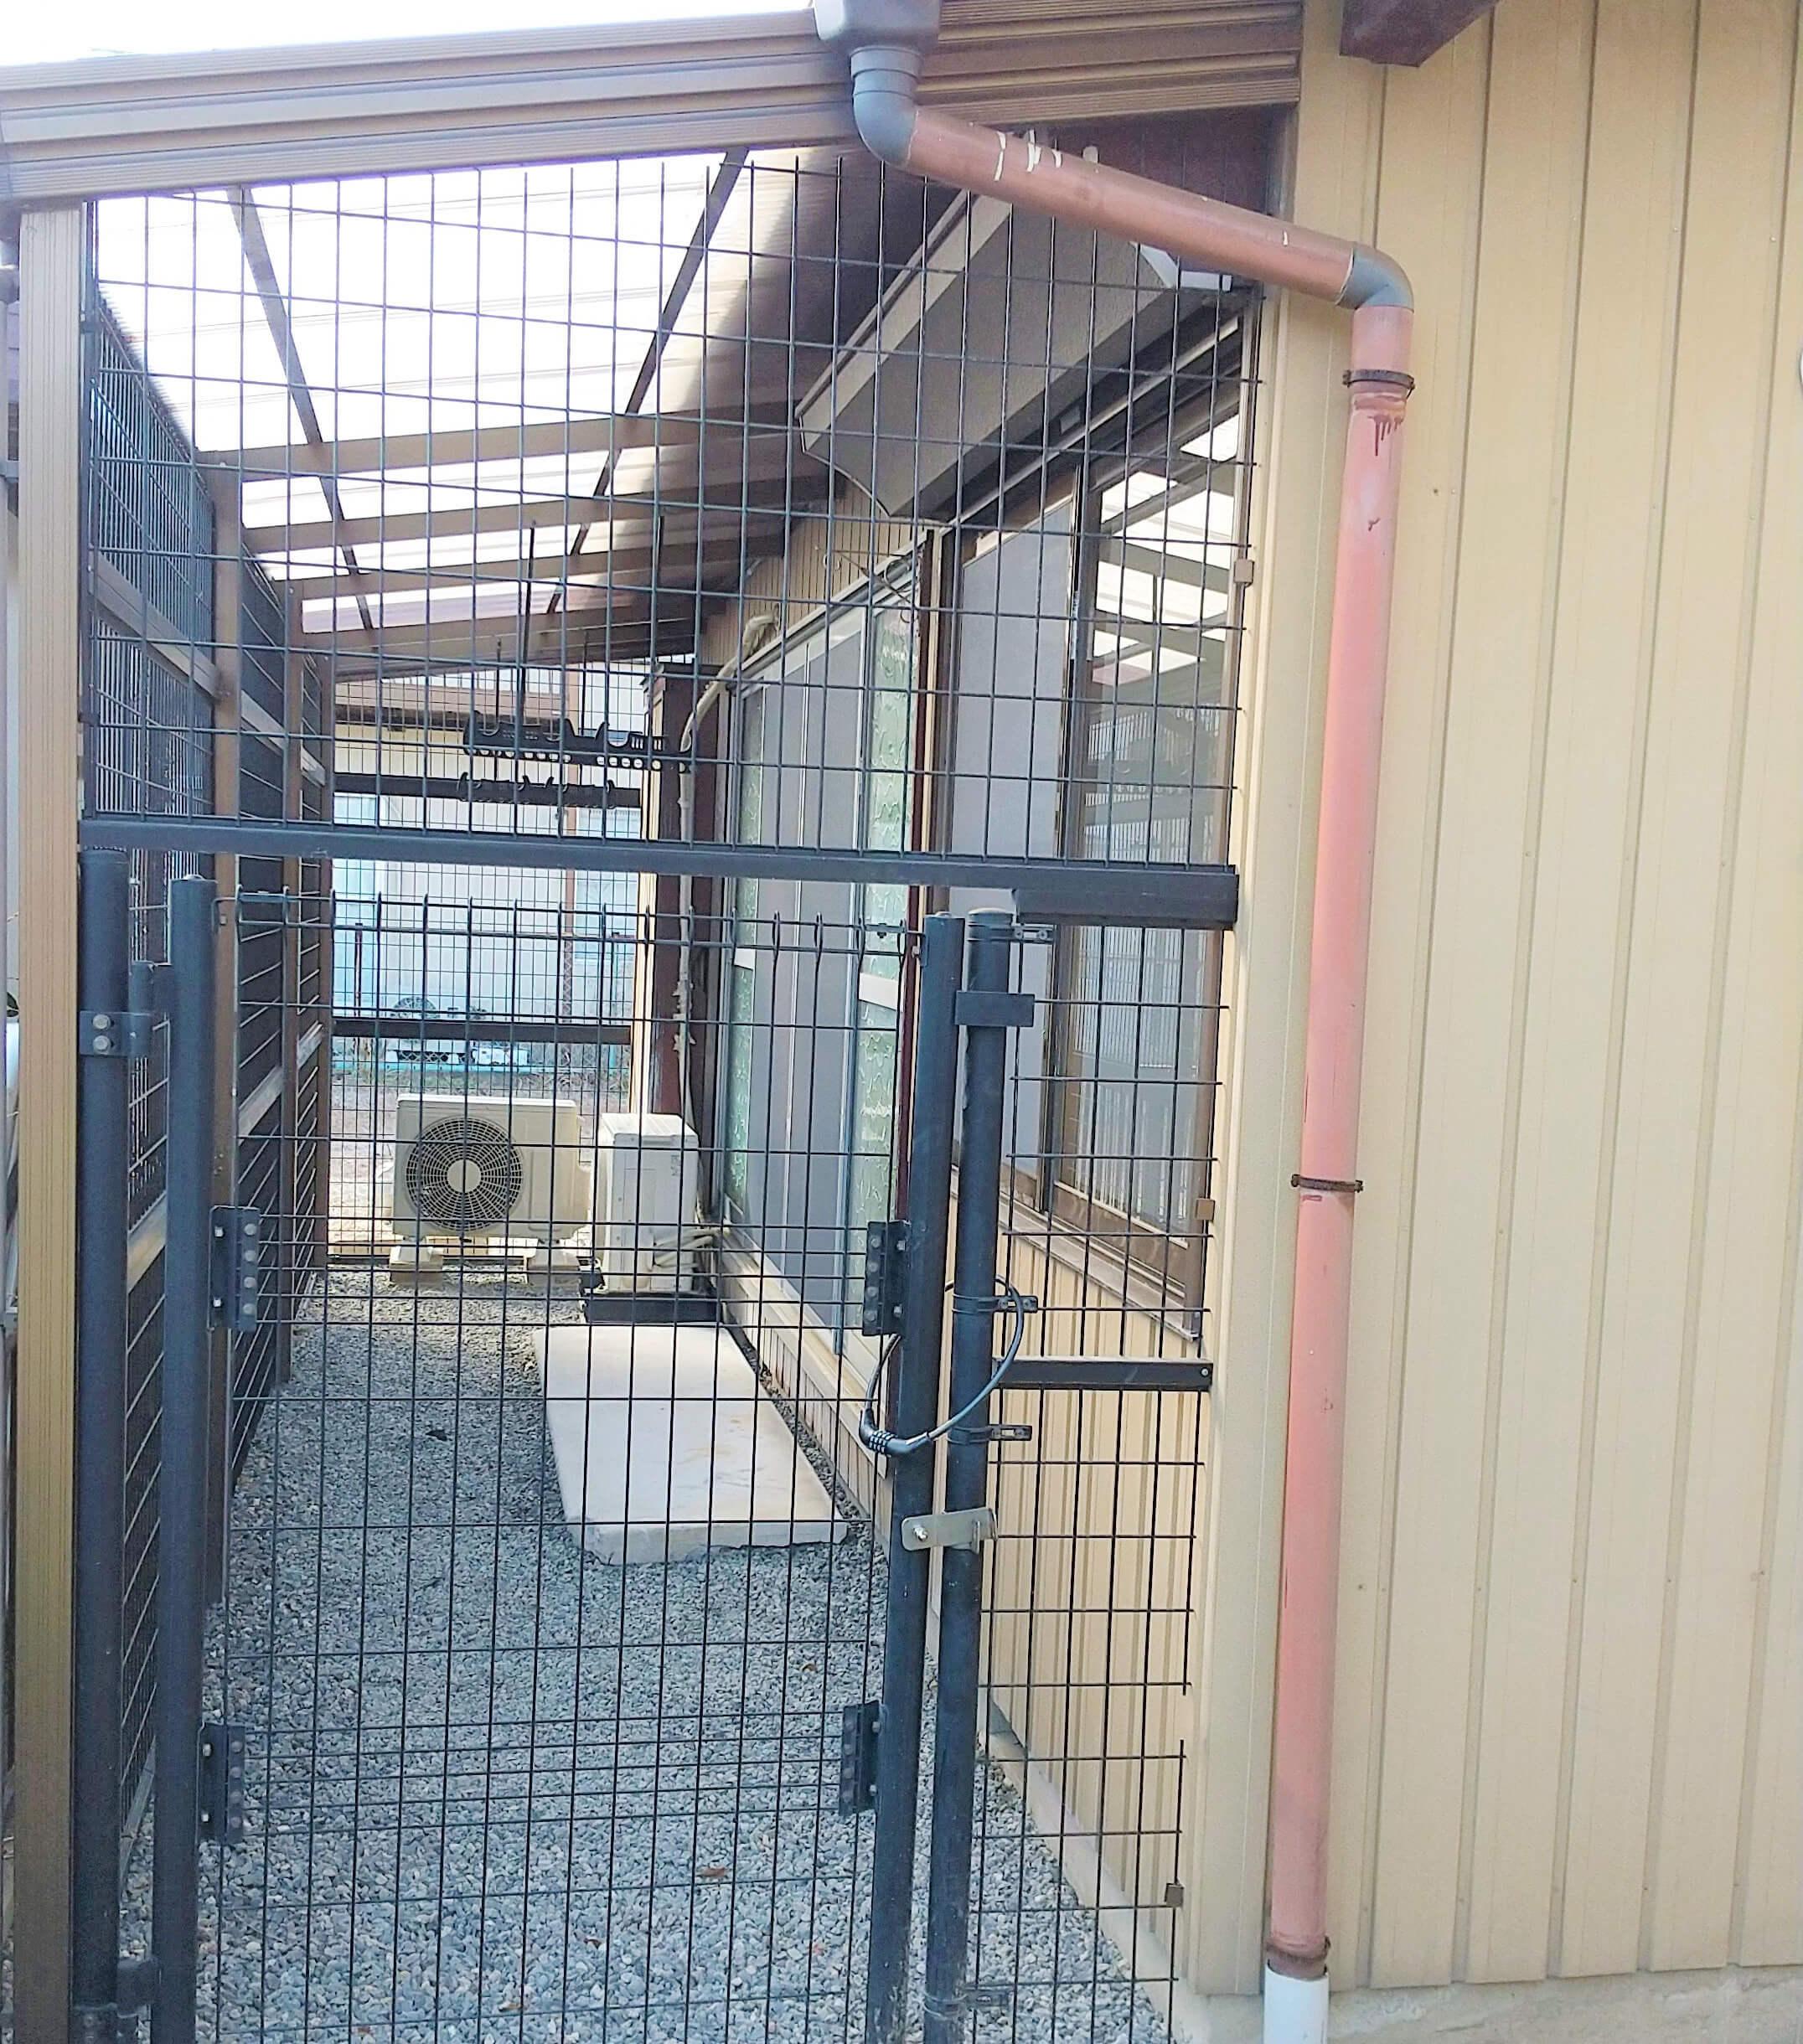 フェンス外側からみたところ。これなら安心ですにゃ。 洗濯物も濡れない!ニンゲンも助かる〜〜♪